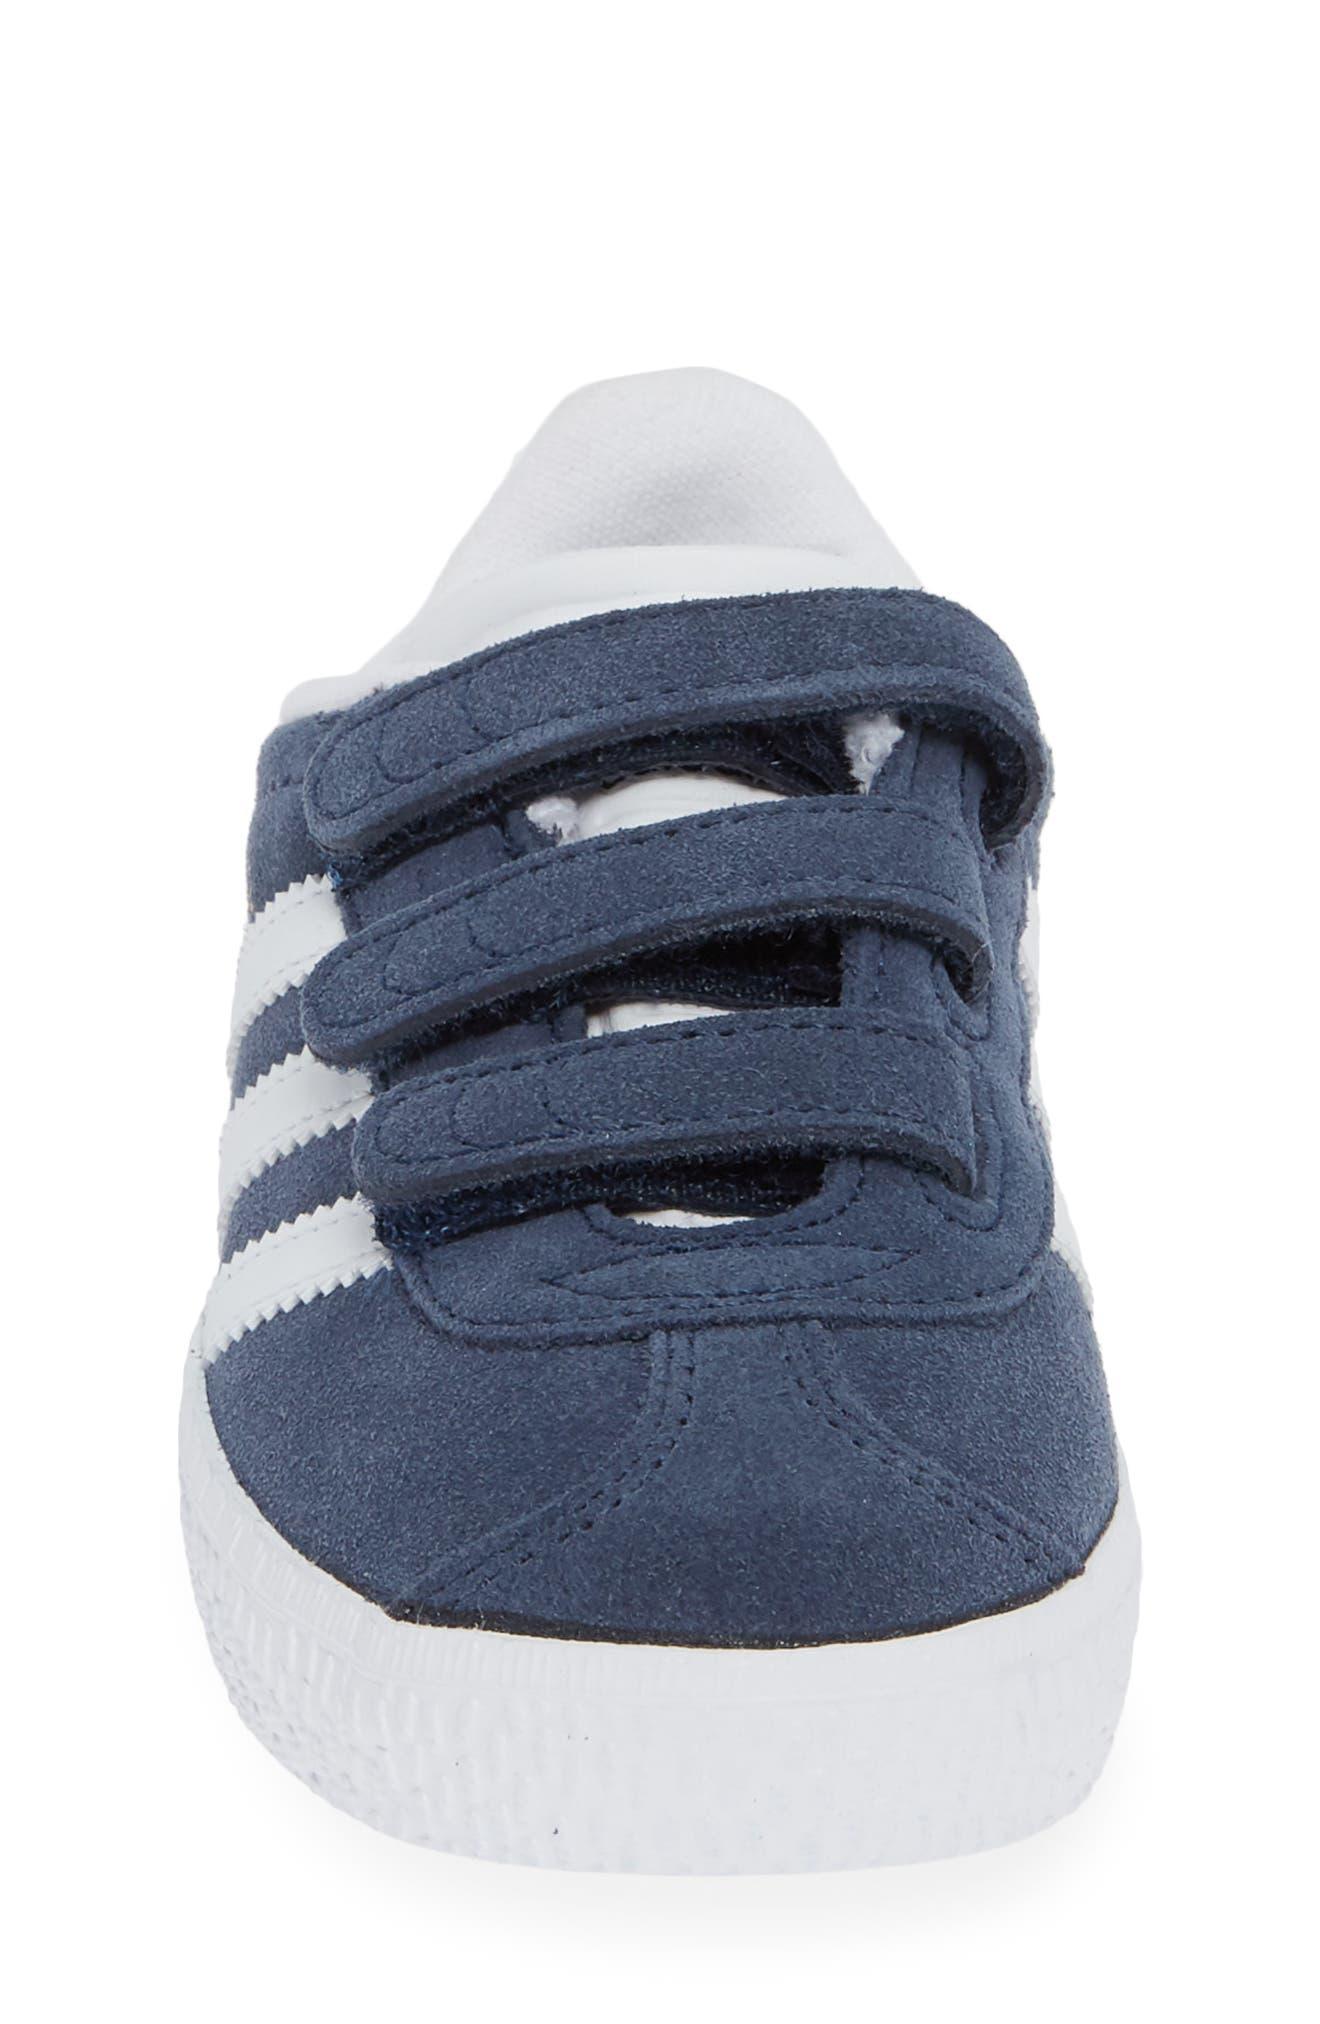 Gazelle Sneaker,                             Alternate thumbnail 4, color,                             NAVY/ WHITE